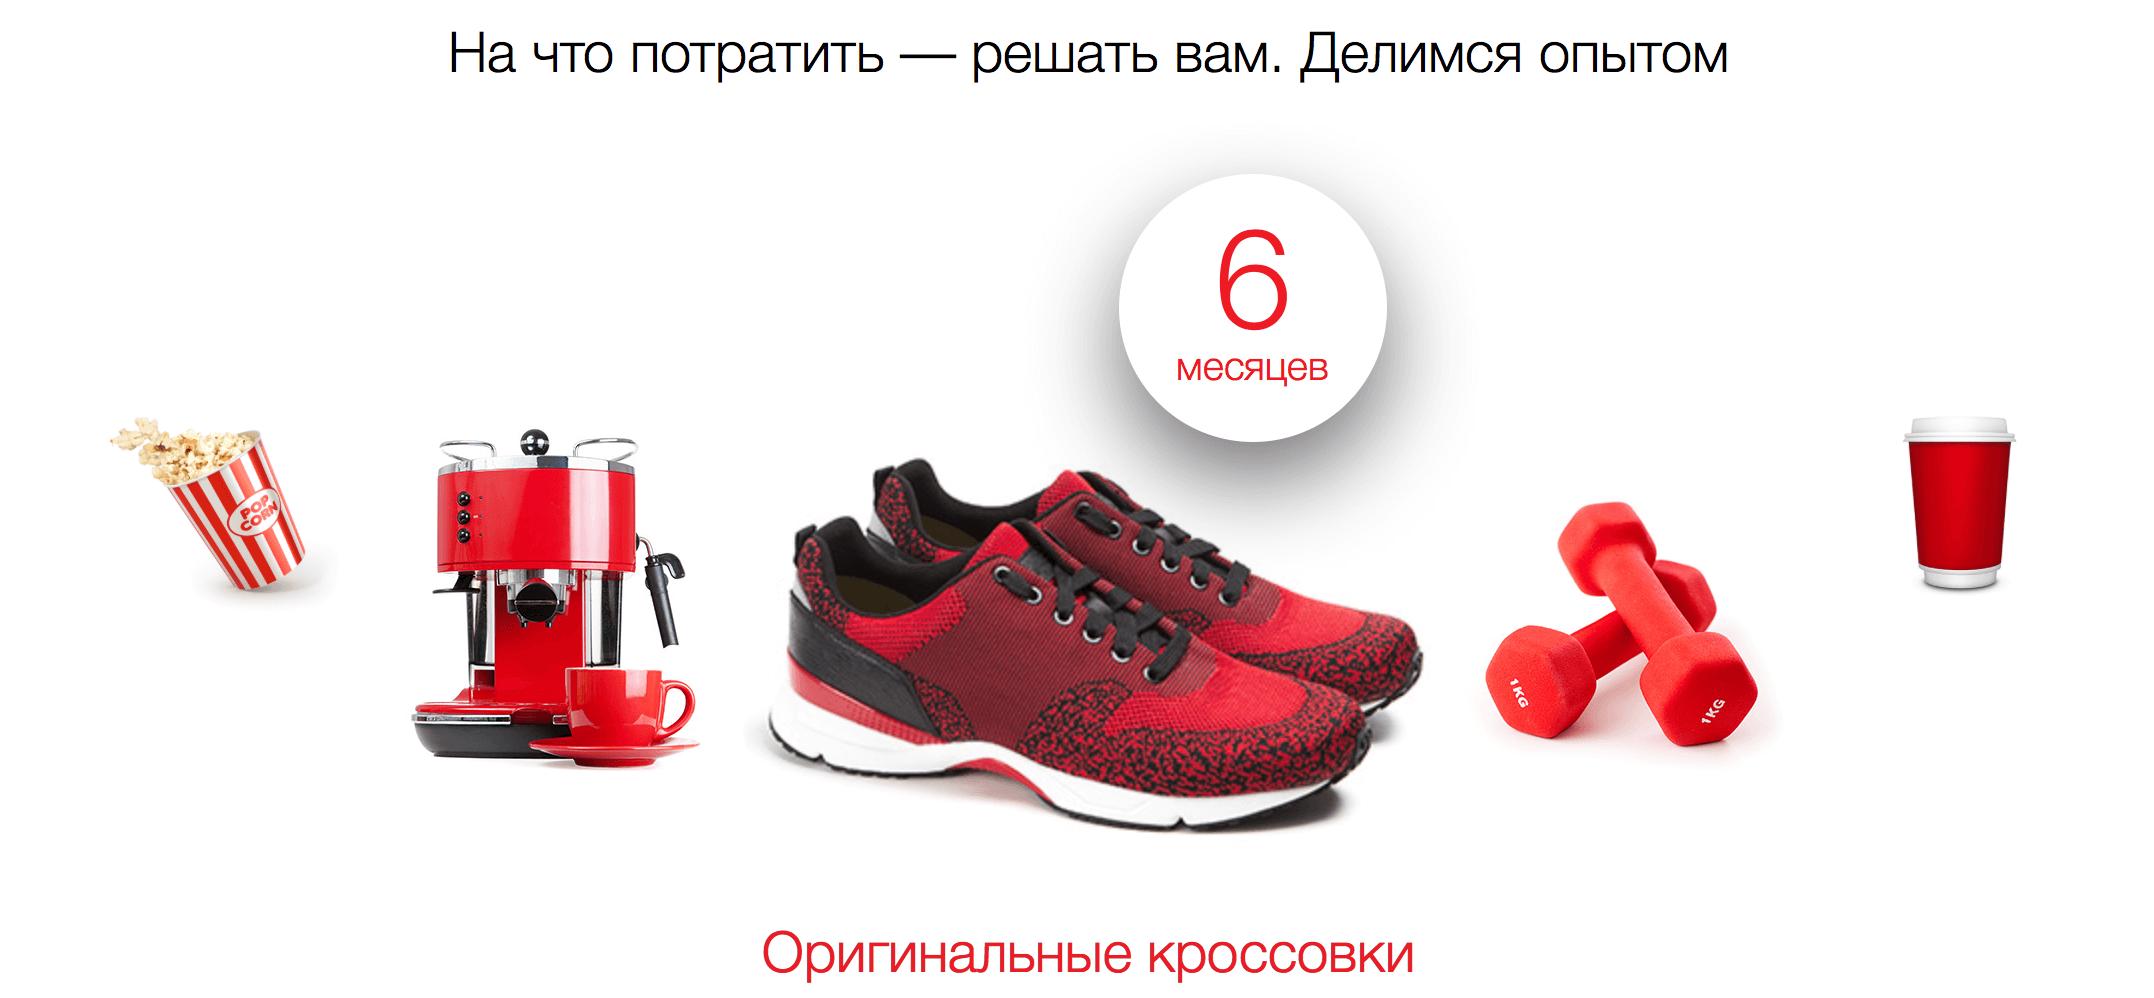 mojnovse4